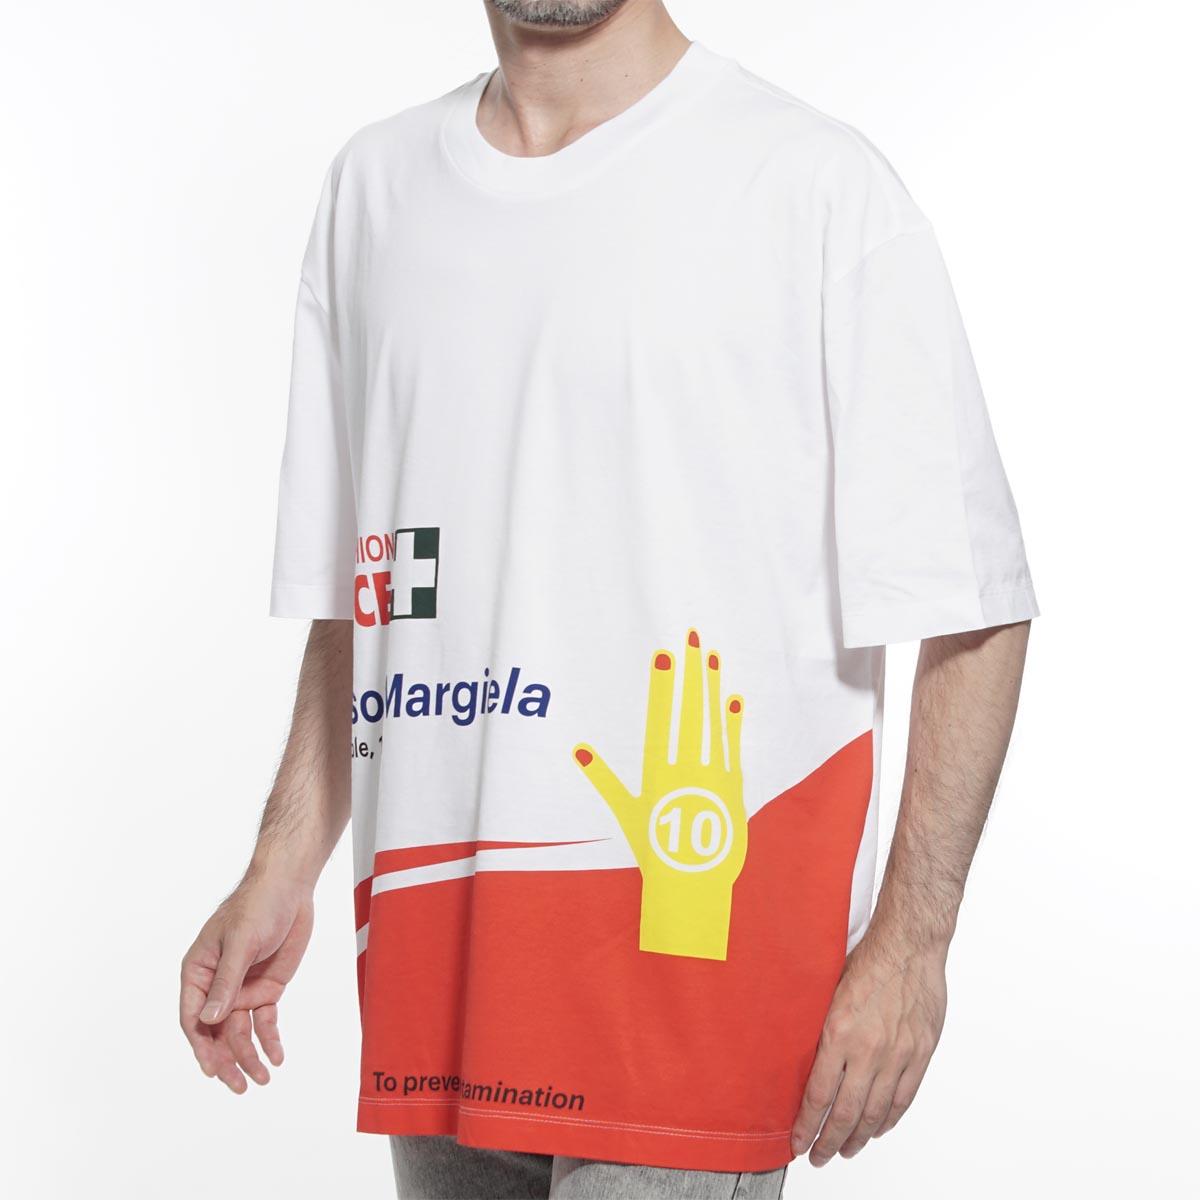 メゾンマルジェラ Maison Margiela ラウンドネック Tシャツ ホワイト メンズ カジュアル トップス インナー s50gc0565 s22816 100 10 男性のためのコレクション 【返品送料無料】【ラッピング無料】【190711】【あす楽対応_関東】